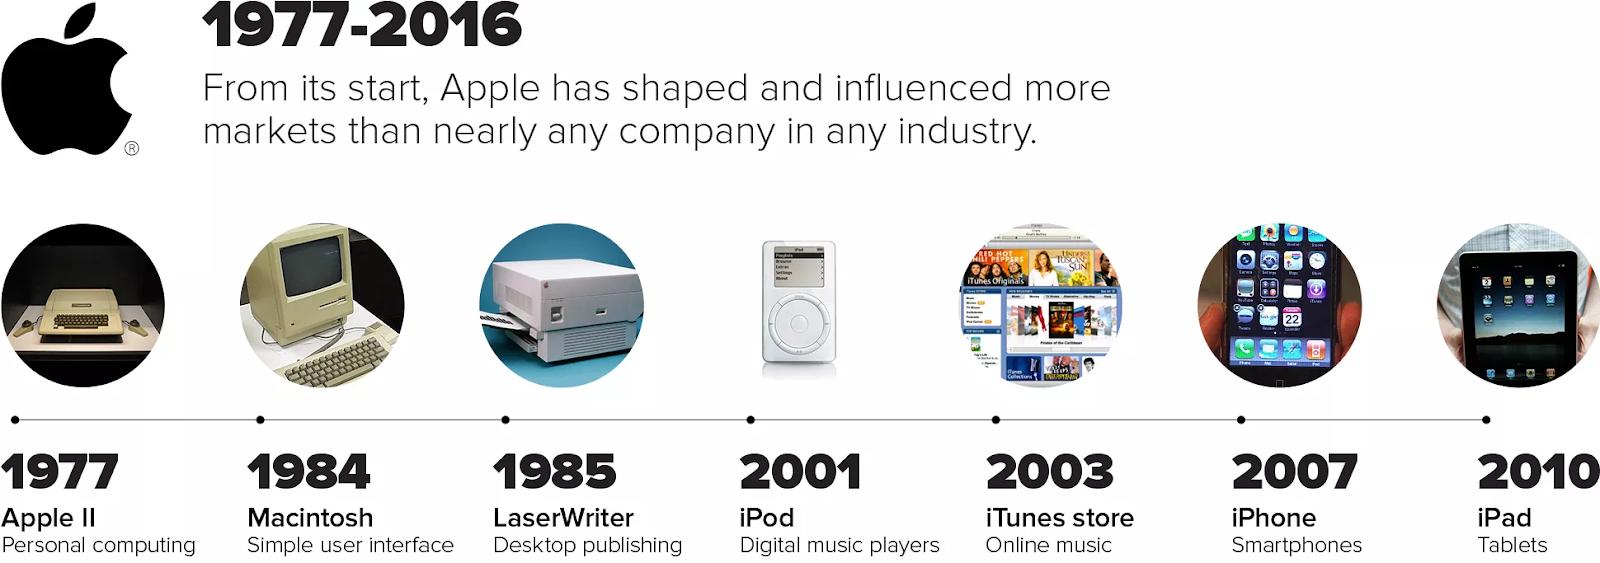 The Apple innovation timeline | Source: cnet.com